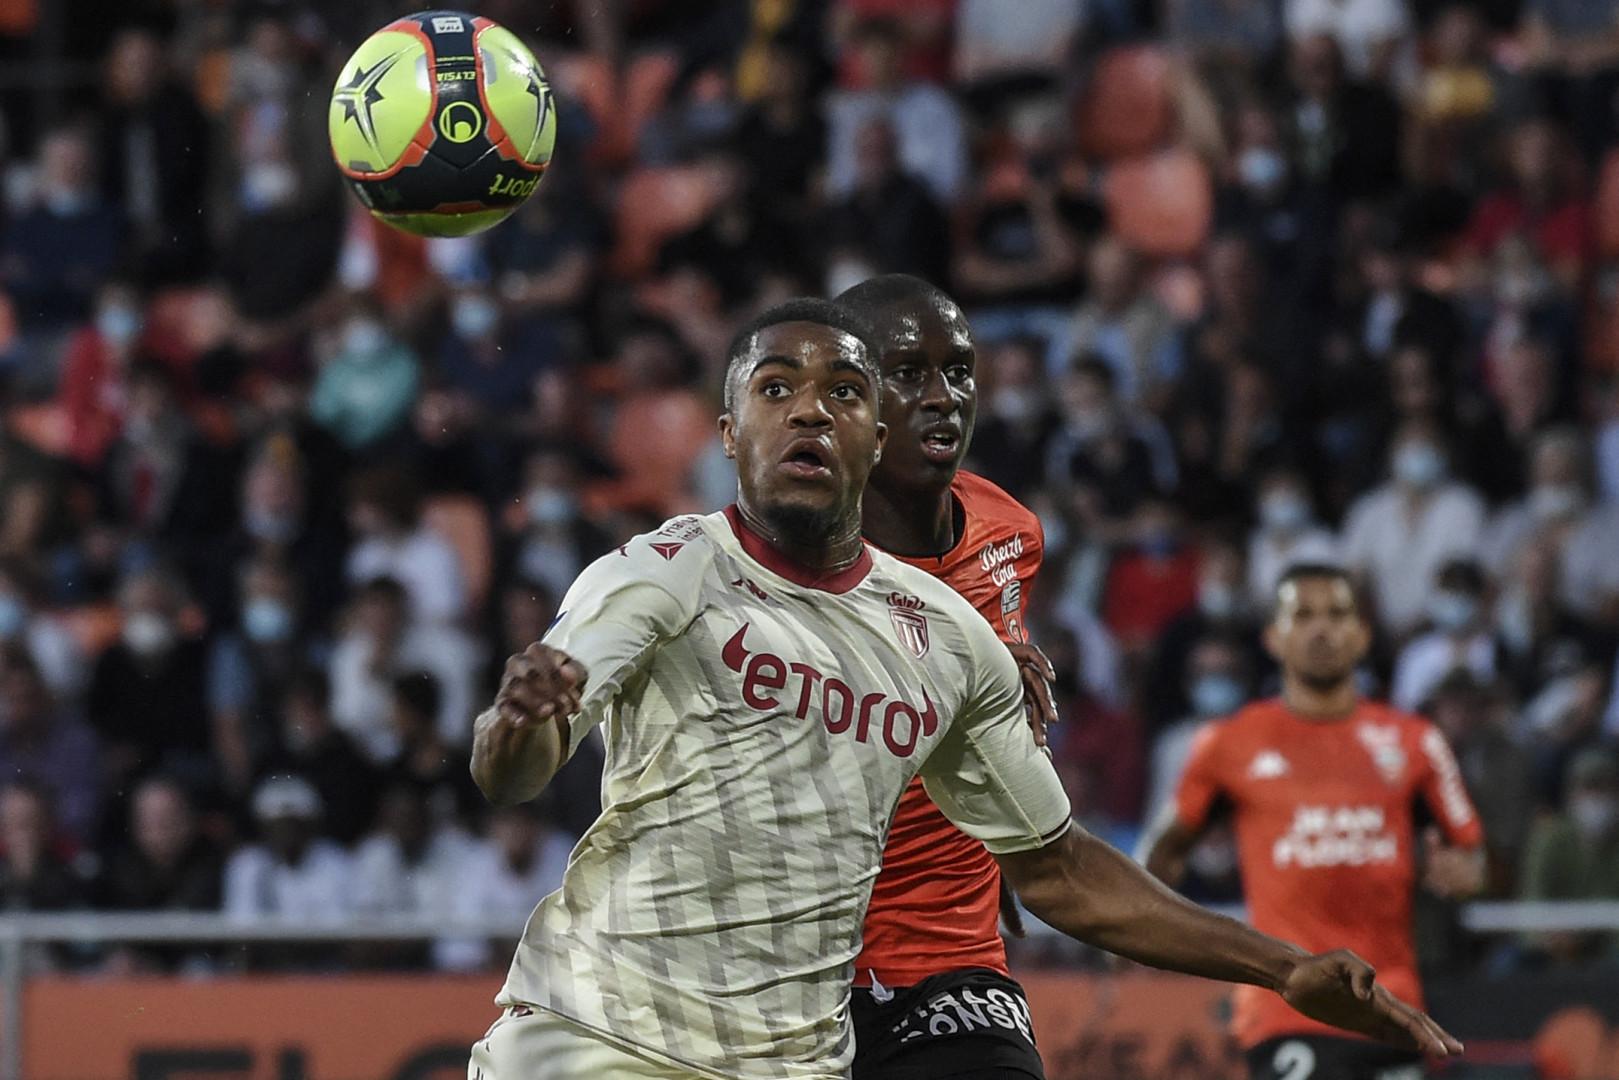 Myron Boadu avec l'AS Monaco contre Lorient le 13 août 2021 au stade du Moustoir.